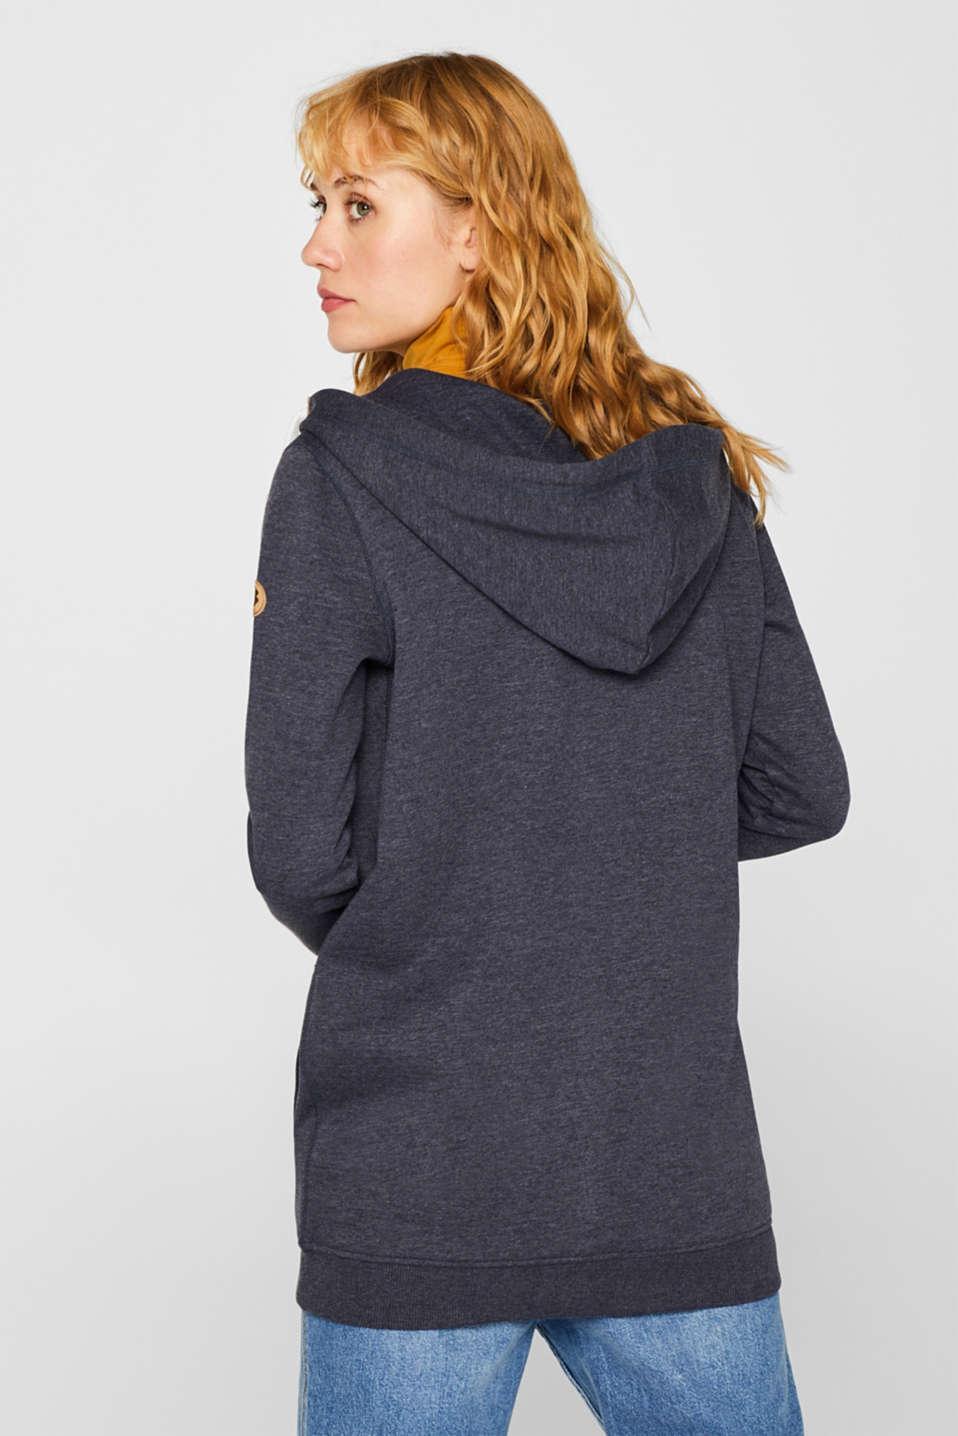 Sweatshirts, NAVY 5, detail image number 3